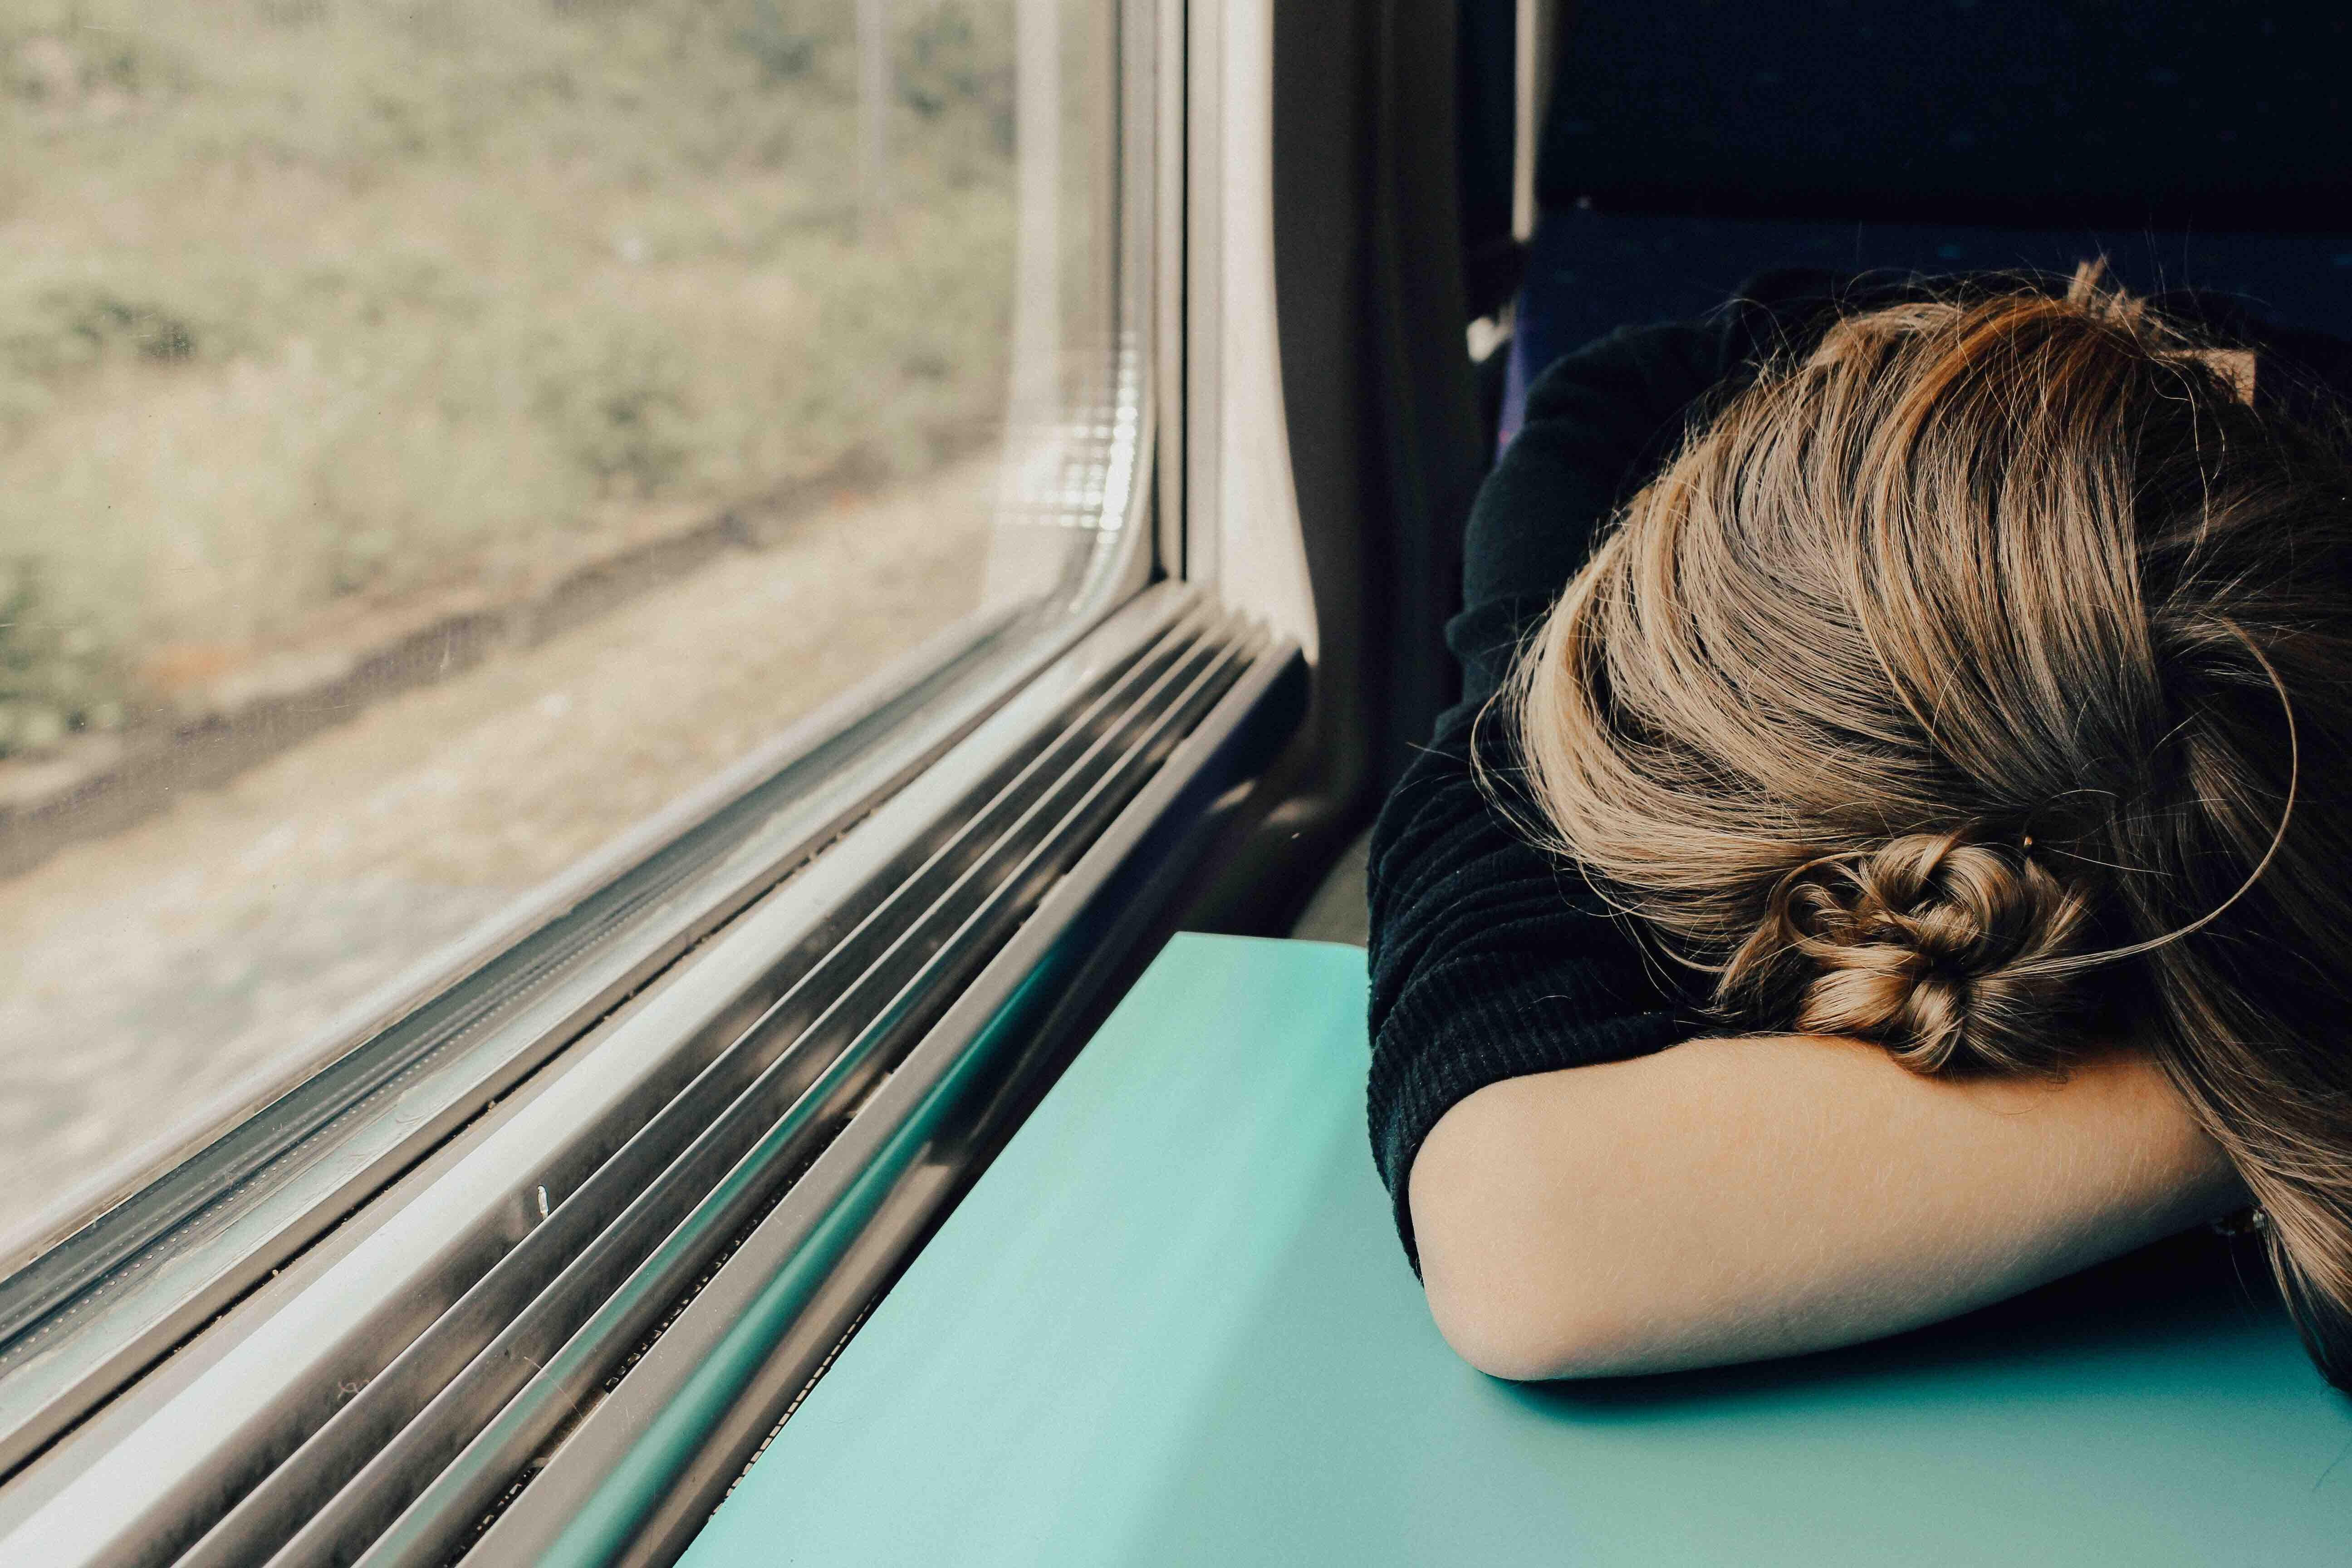 Wenn Menschen unter Depressionen leiden, leiden Angehörige auch. Foto: Abbie Bernet/Unsplash